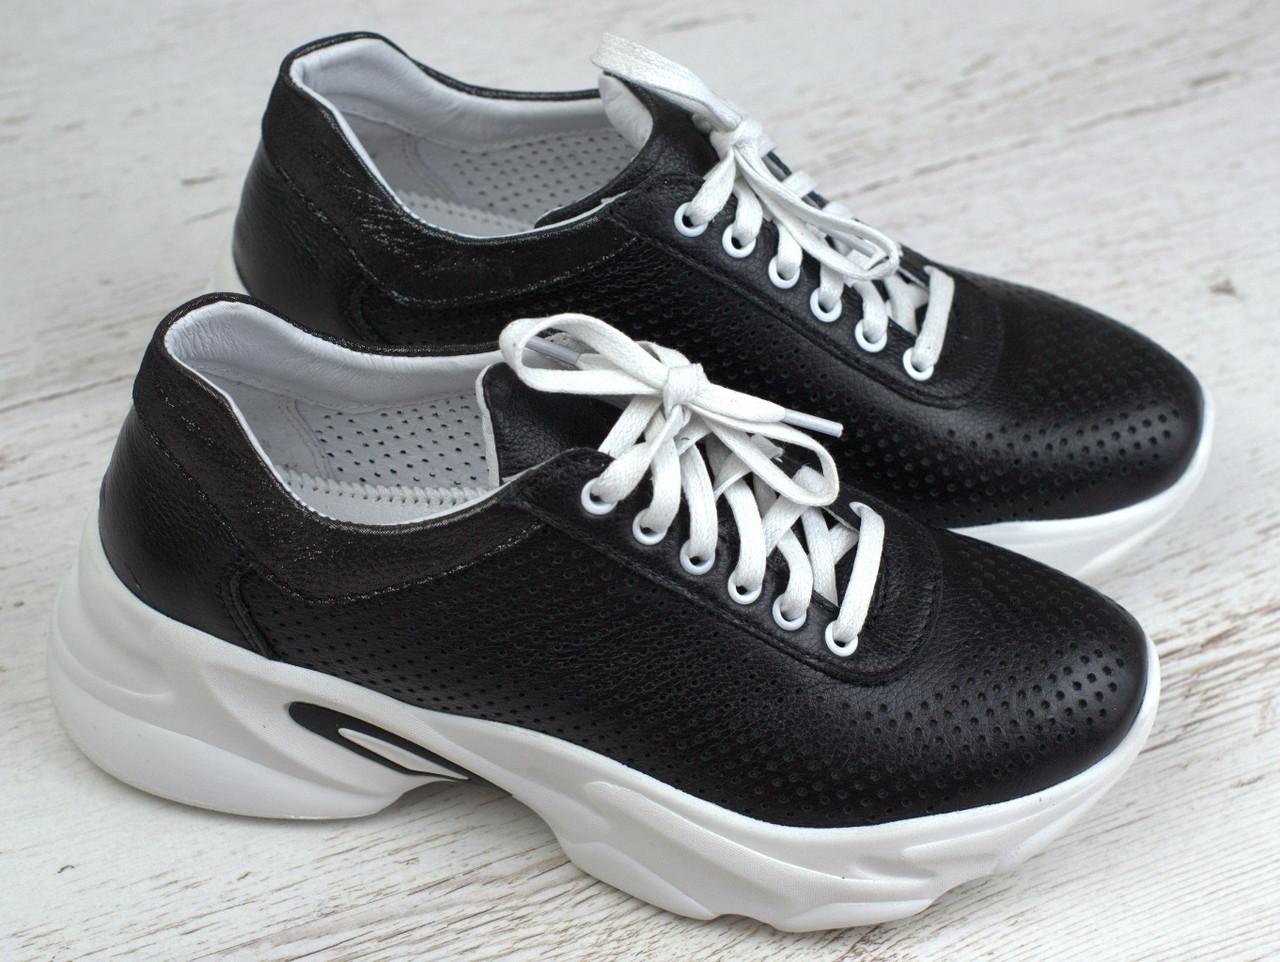 Кроссовки черные кожаные летние перфорация женская обувь больших размеров Rosso Avangard Mozza Black Perf